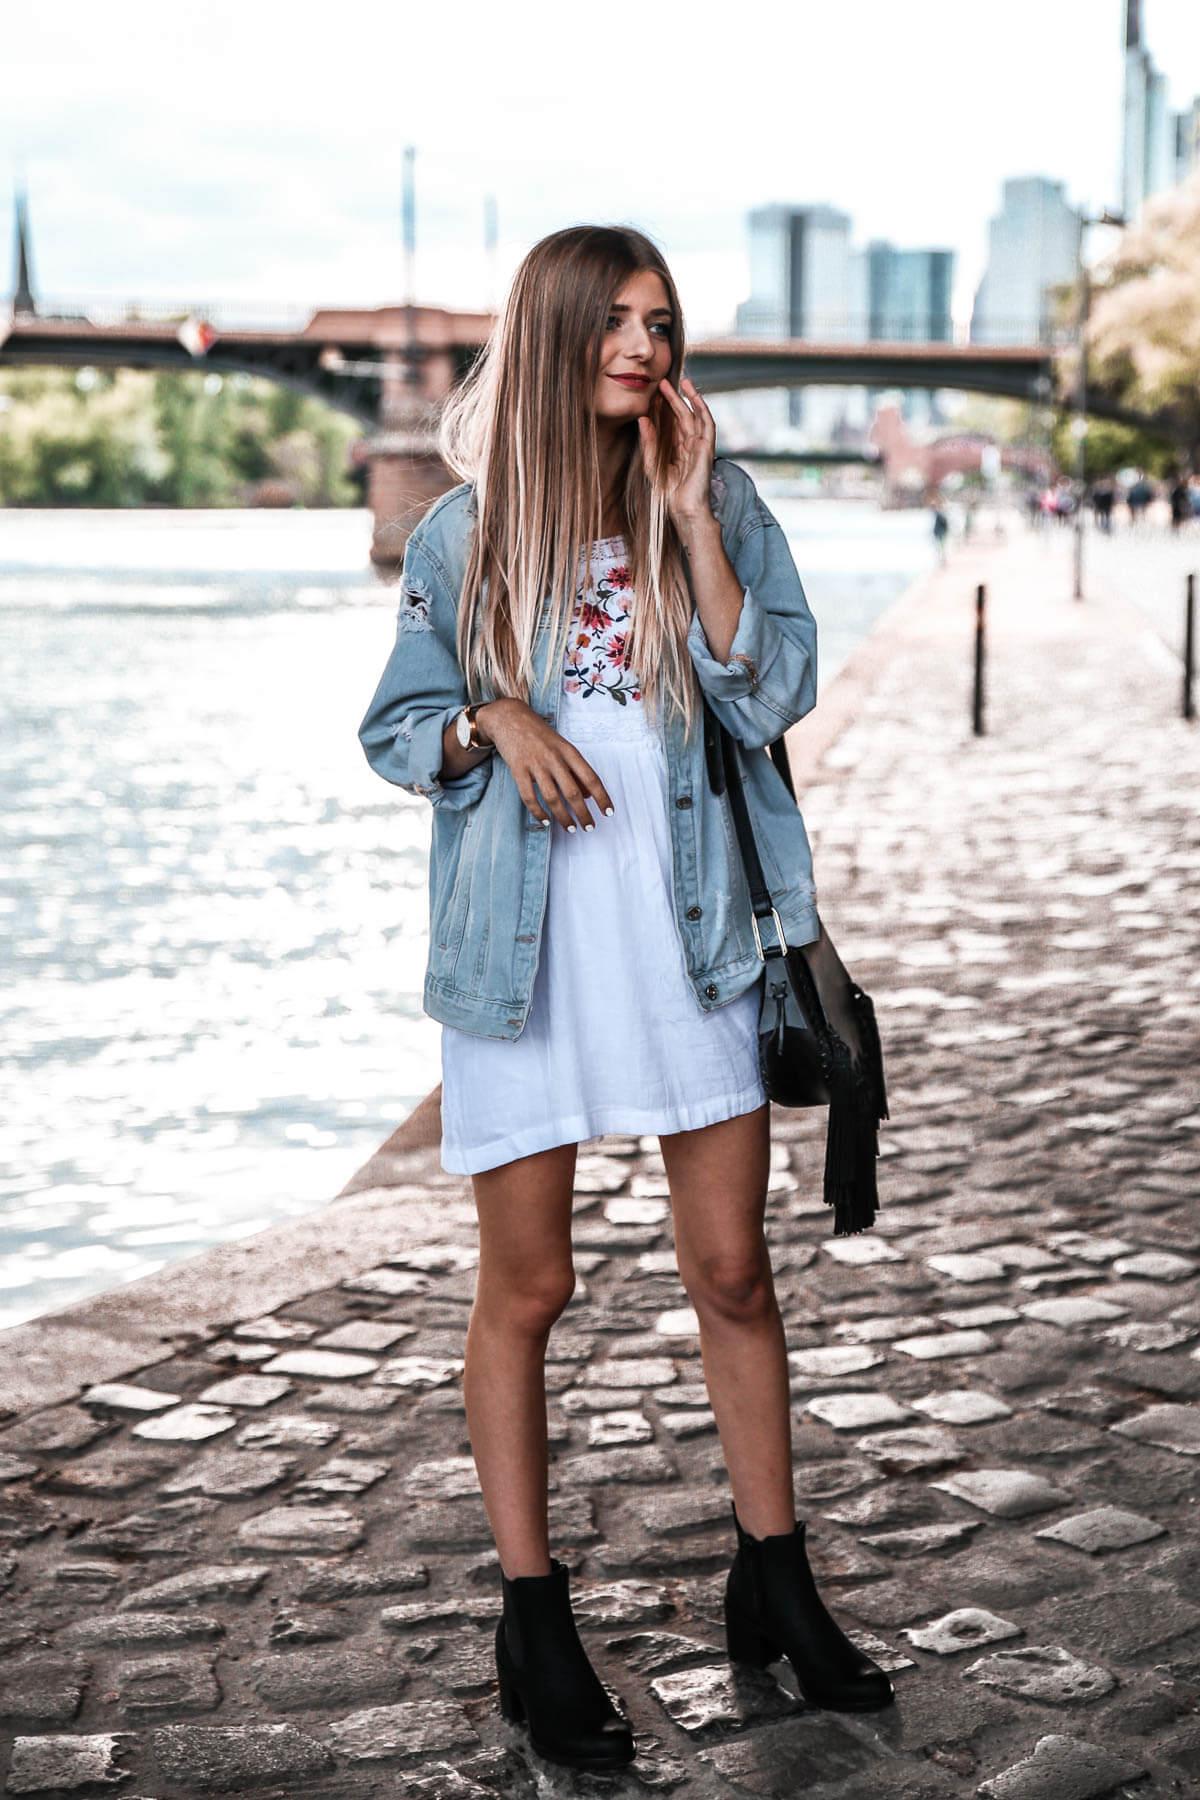 Herbstoutfit mit Jeansjacke und Stiefeletten